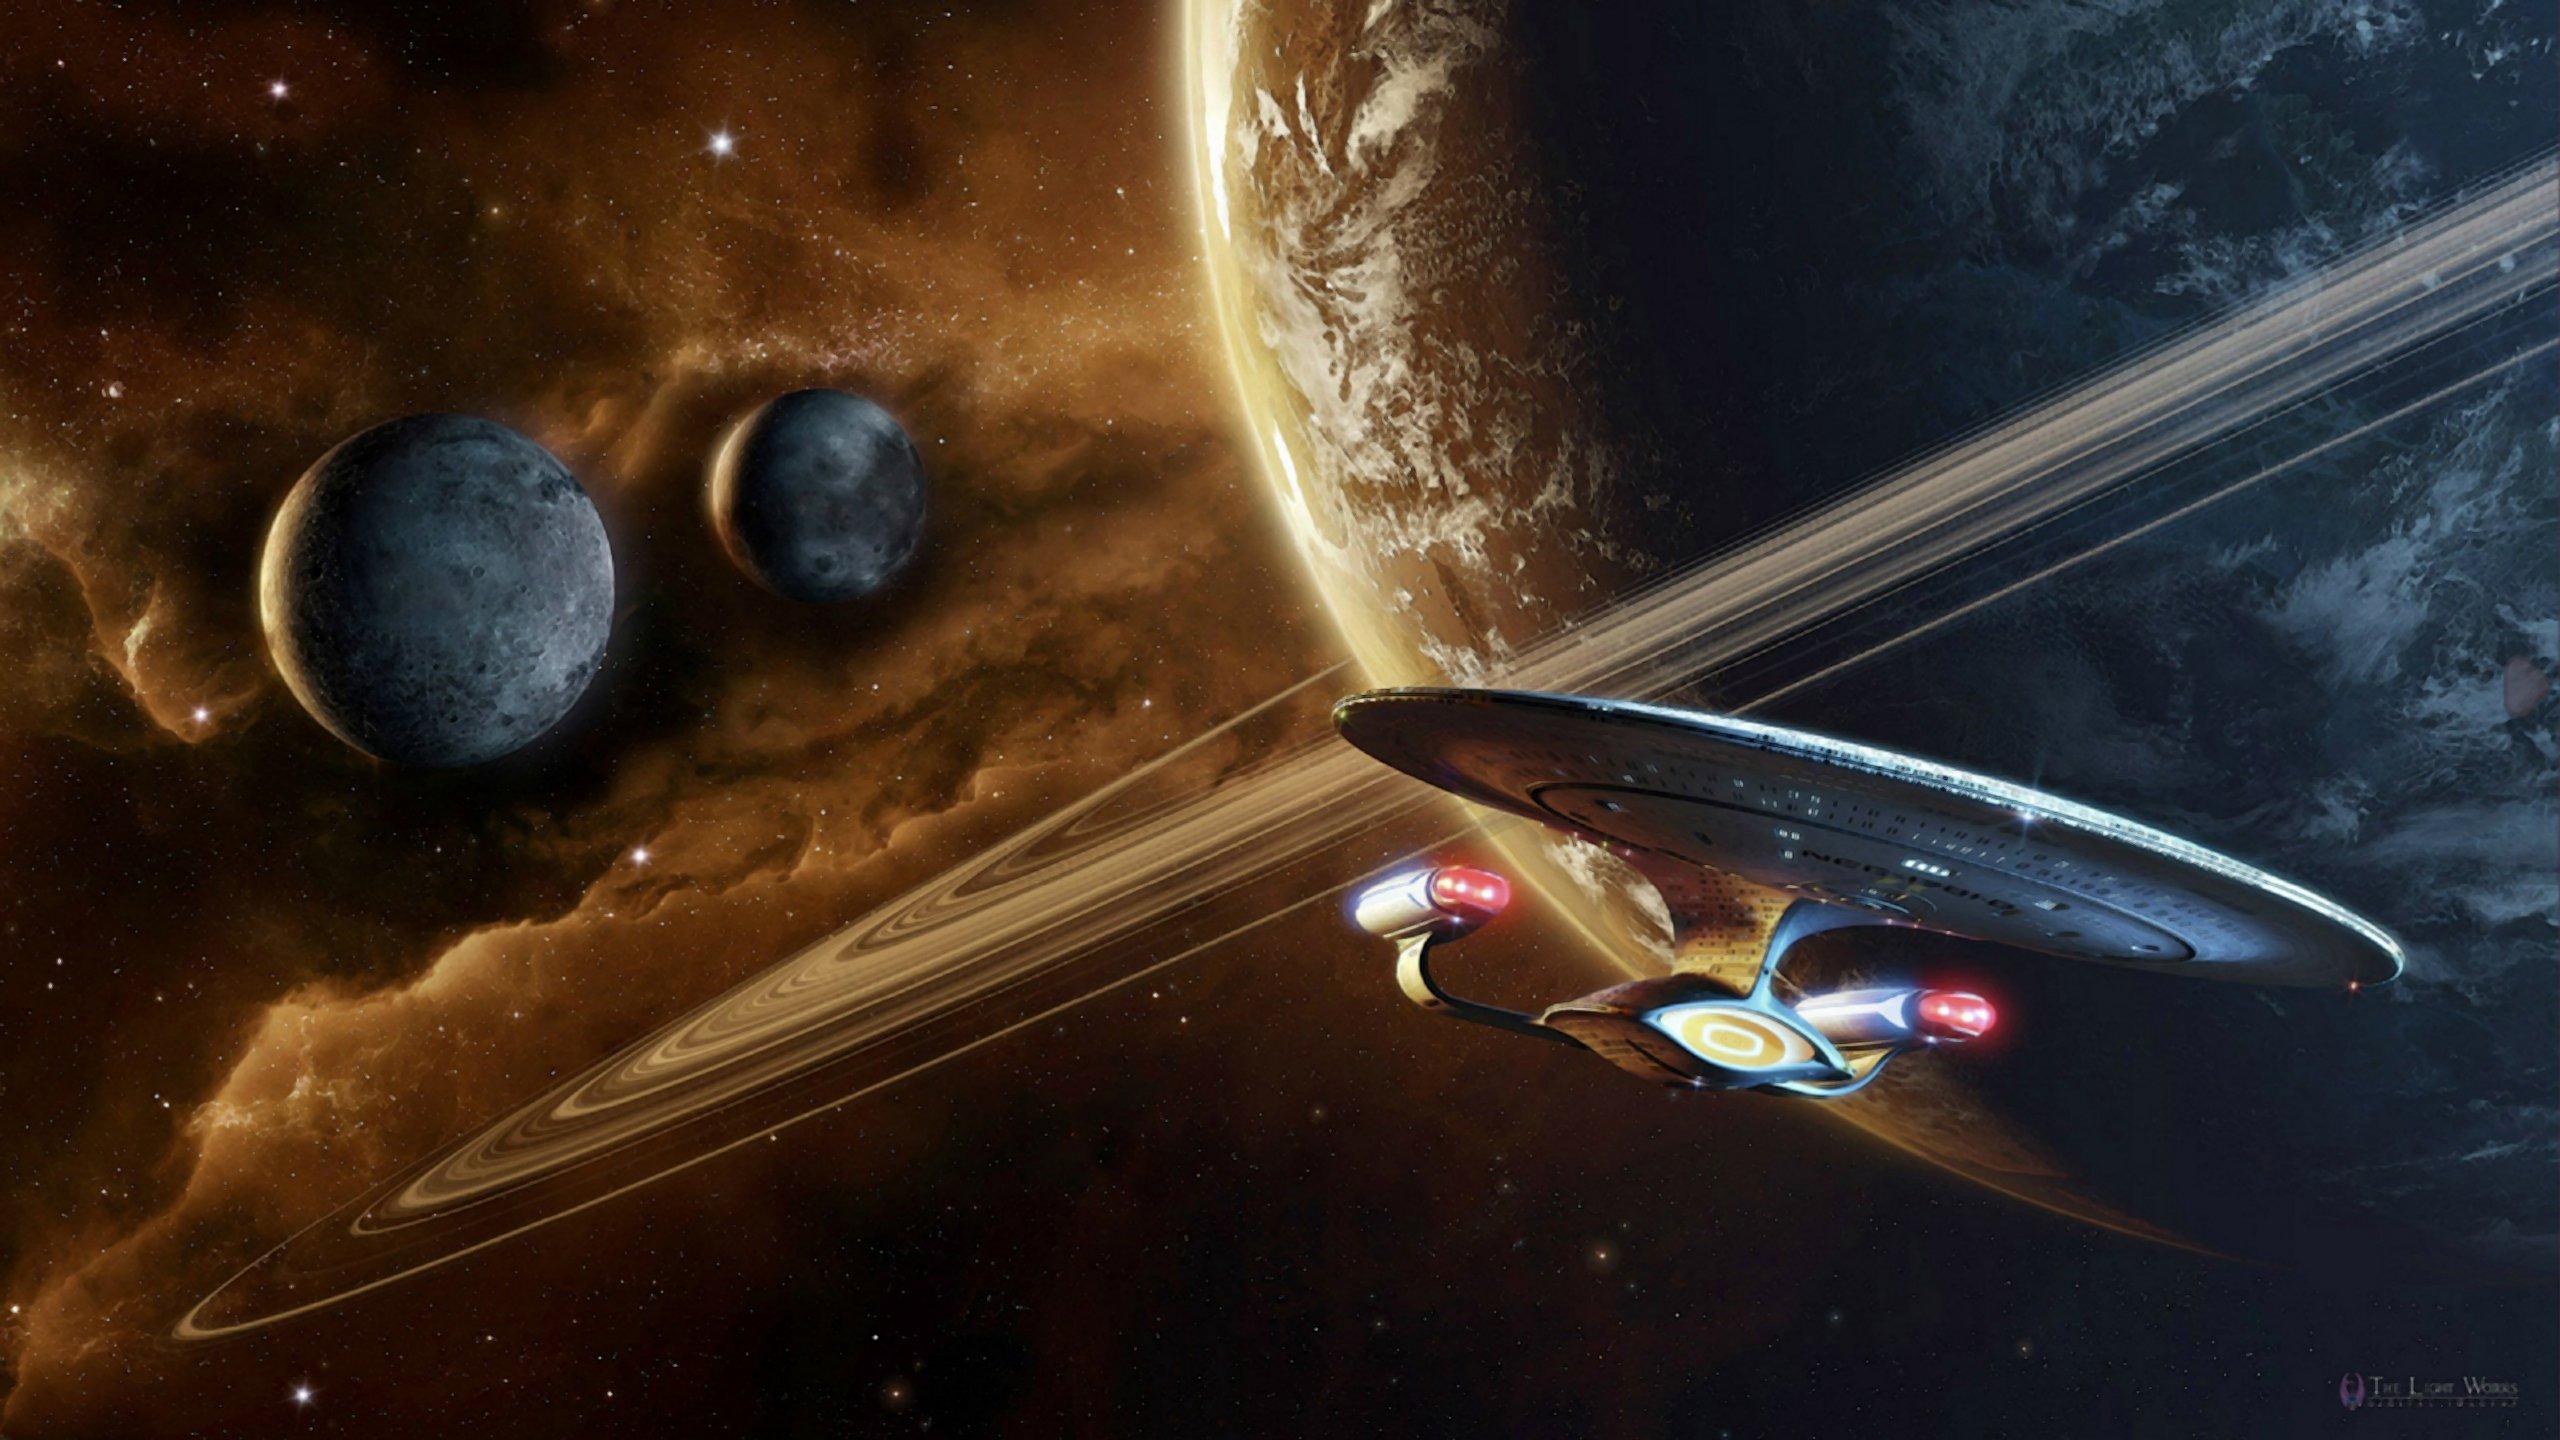 enterprise e wallpaper hd - photo #9